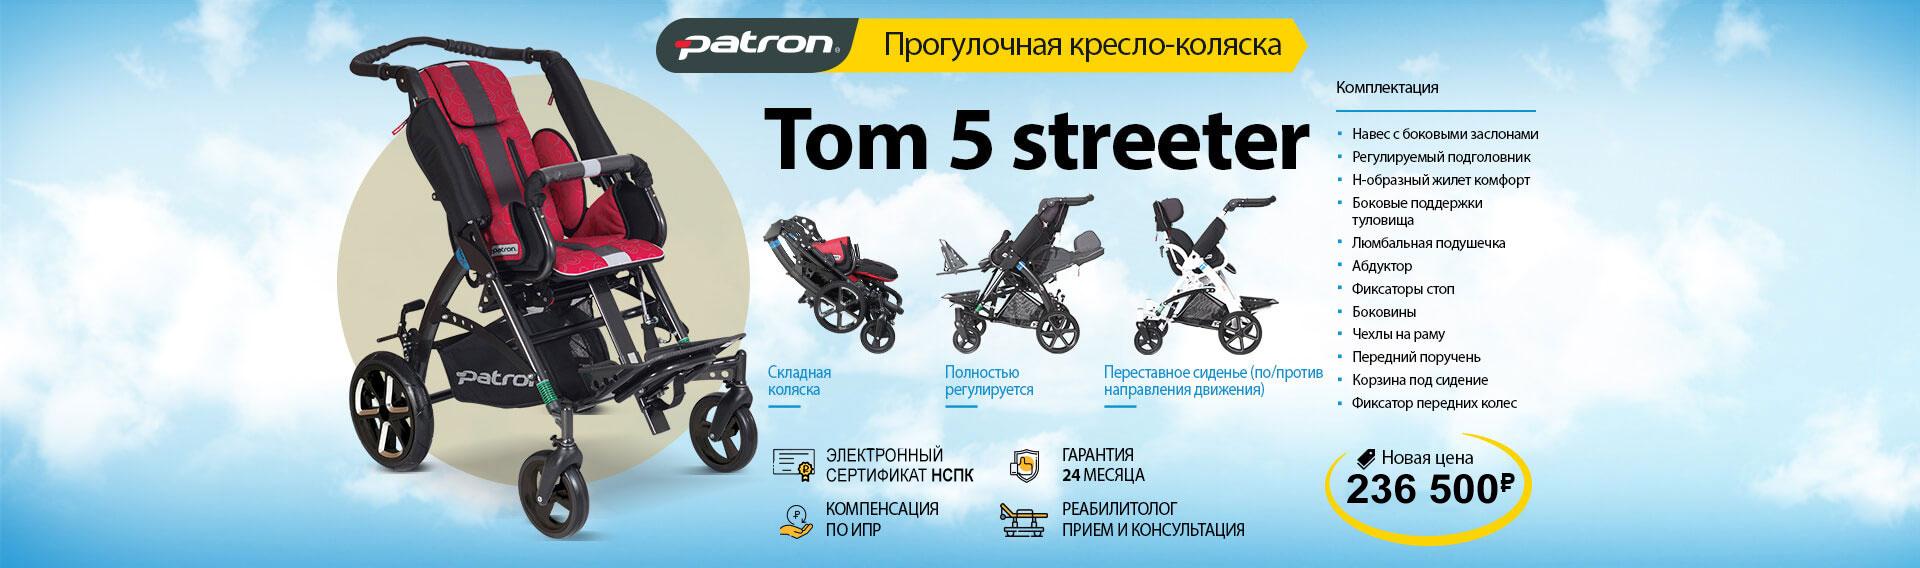 Tom 5 Streeter